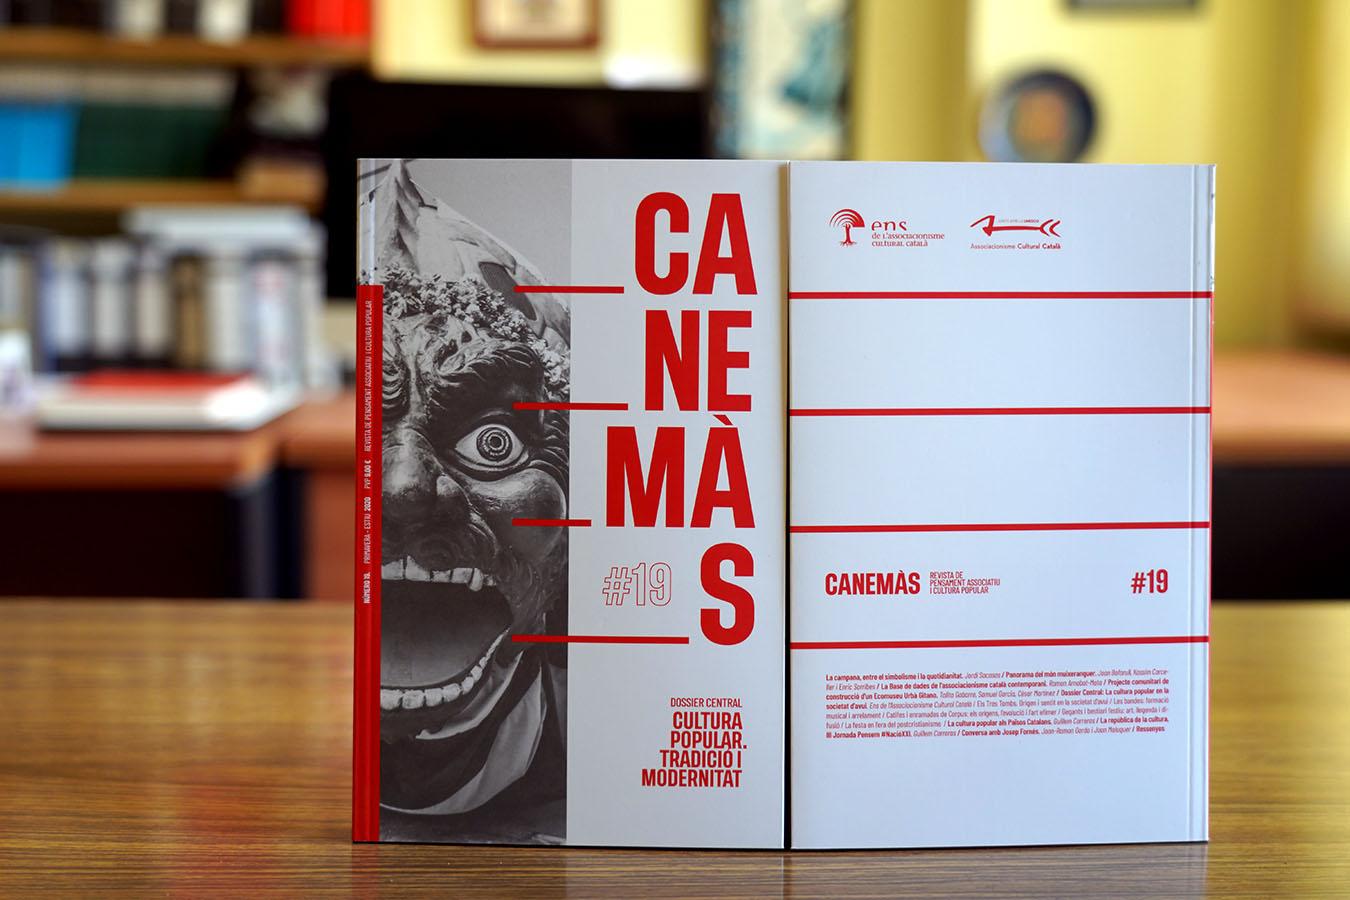 El Canemàs 19 presenta una imatge renovada per tal d'arribar a més públic i al conjunt de col·lectius de cultura populars